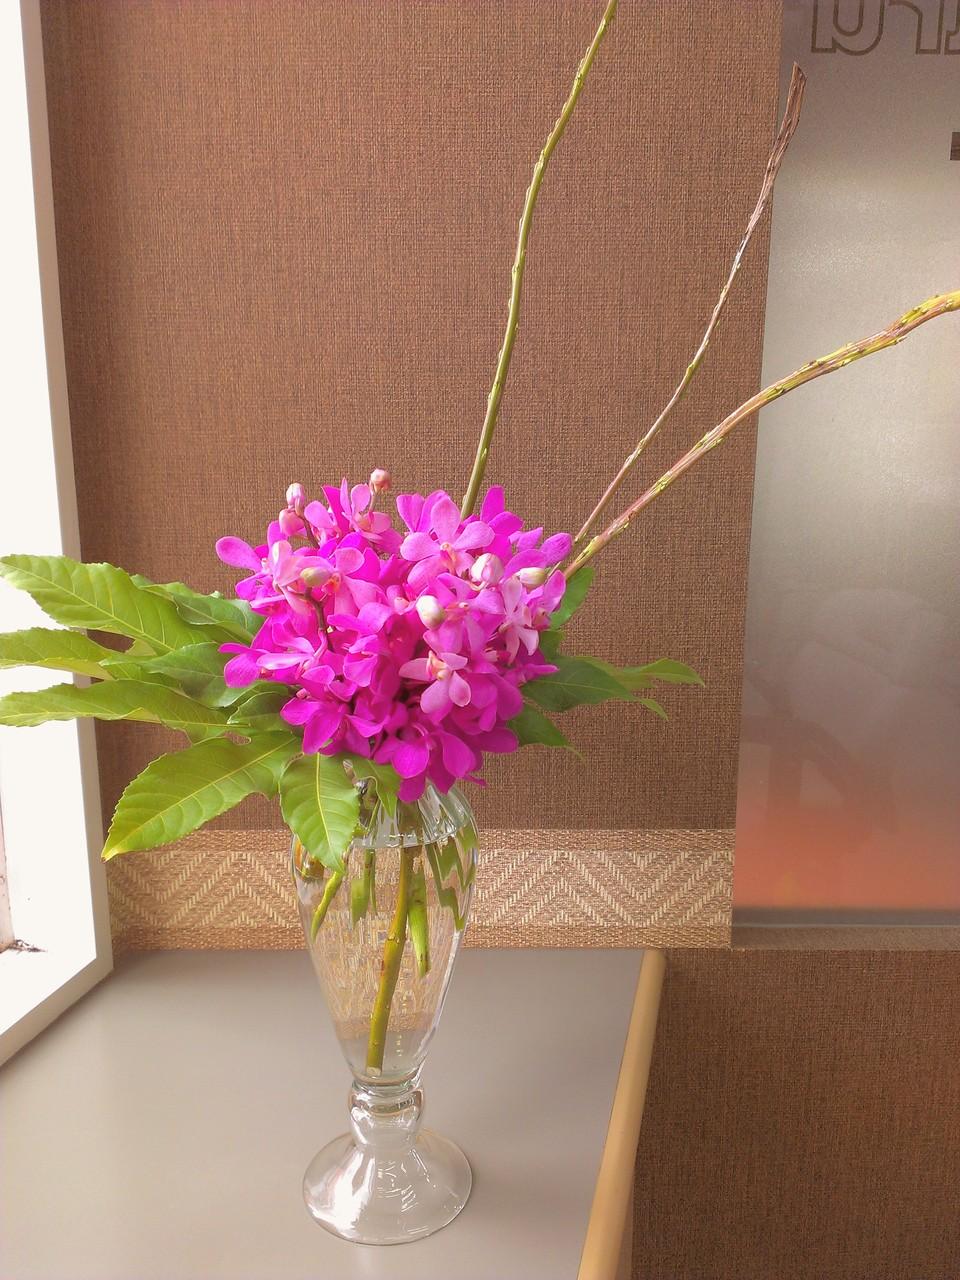 2014.08.13 モカラ カラプソ、八手(別名:天狗の葉団扇)、石化柳 ・本日のお花は、鮮やかなピンク色が美しいモカラ カラプソを、手を添えて守っているかのように見える大きな葉っぱのヤツデ、高さのある3本の枝は、帯状に平たく伸びているのが特徴の石化柳を使用しております。アジアンリゾートを思わせるアレンジメントとなっております。花言葉:モカラ カリプソ【優美・気品・優雅・美人】、八手【分別・親しみ・健康】、石化柳【たくましさ】